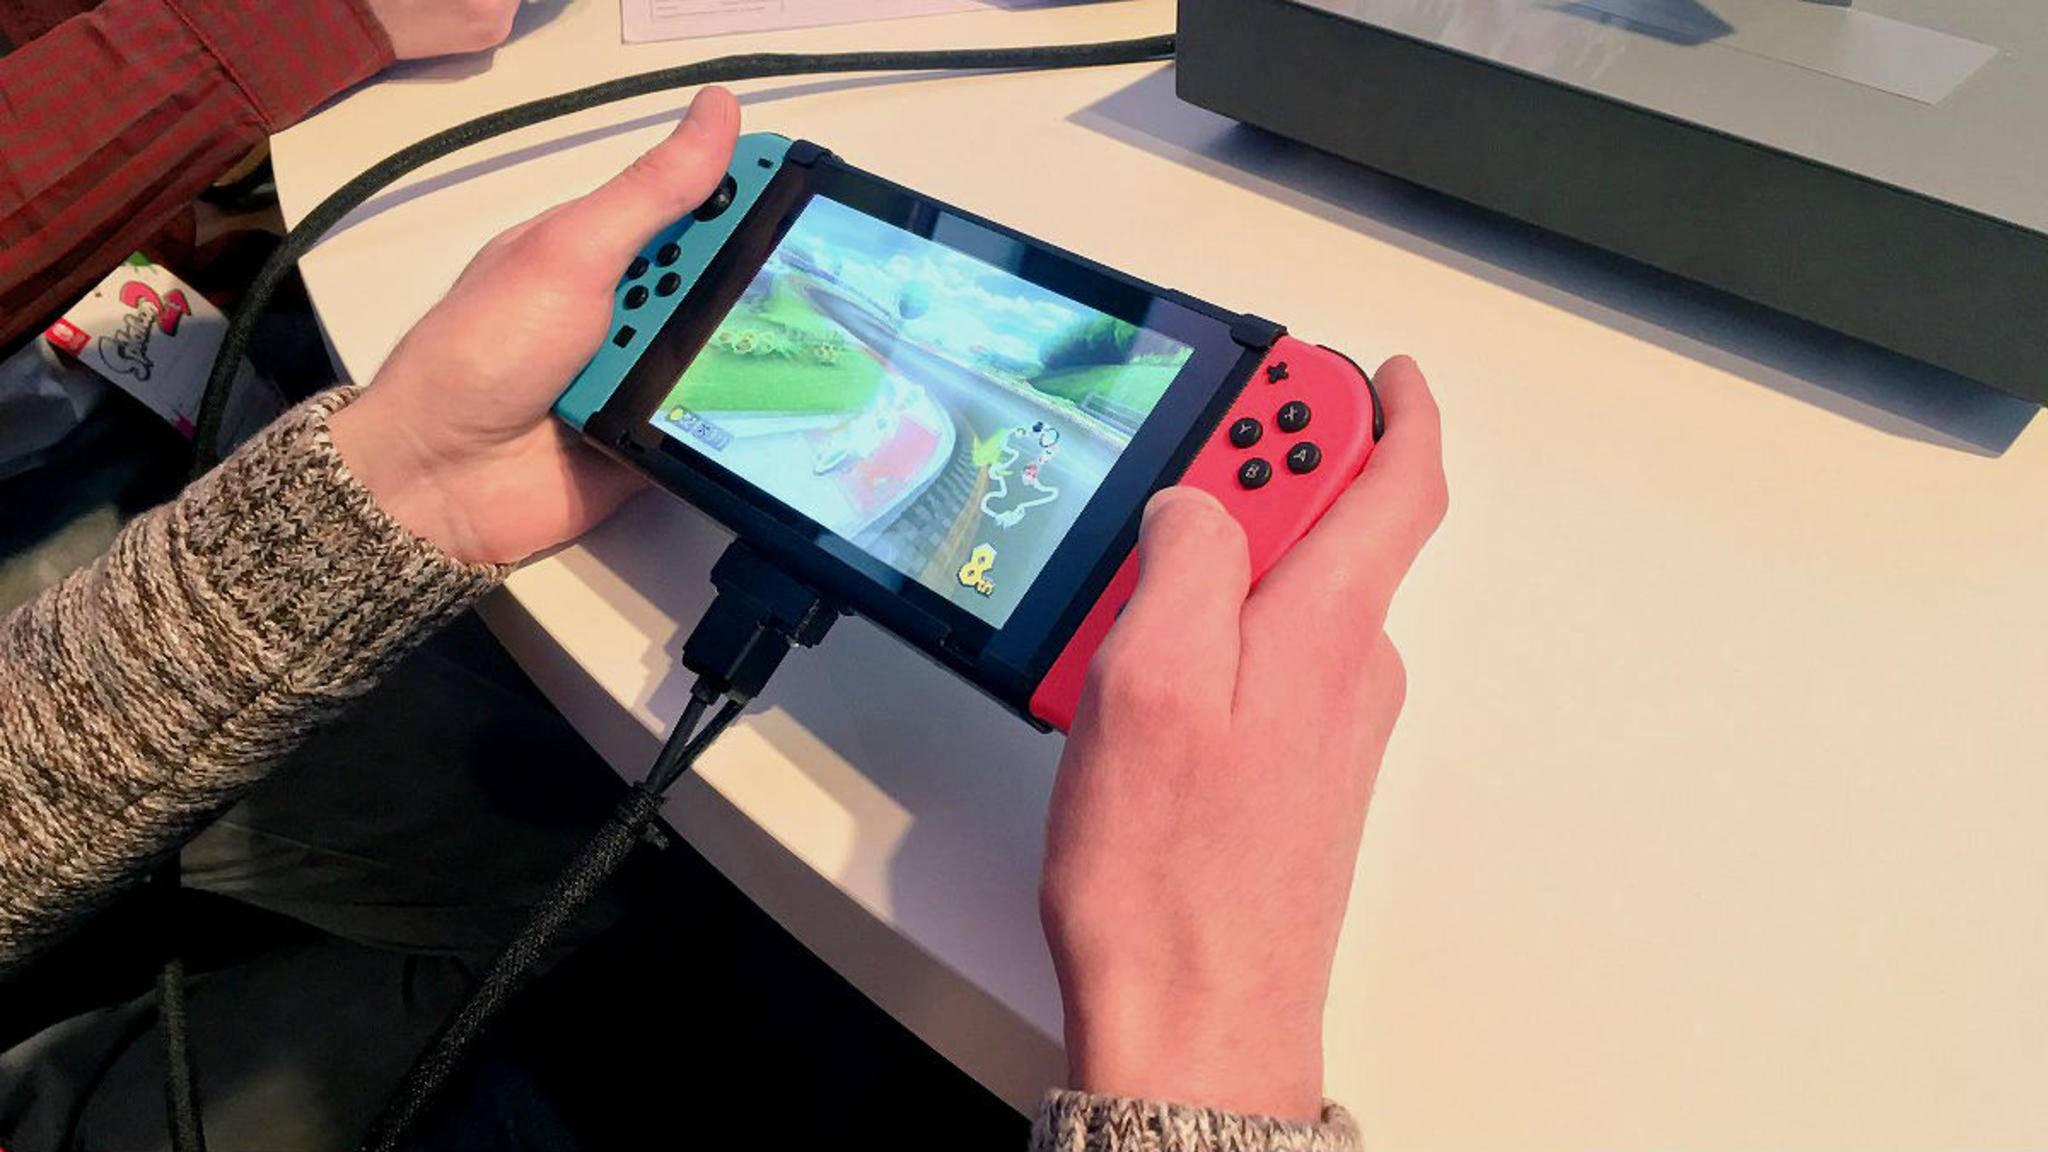 Der Online-Service bringt monatlich Retro-Games auf die Switch – aber das Spiel gehört Dir nicht.